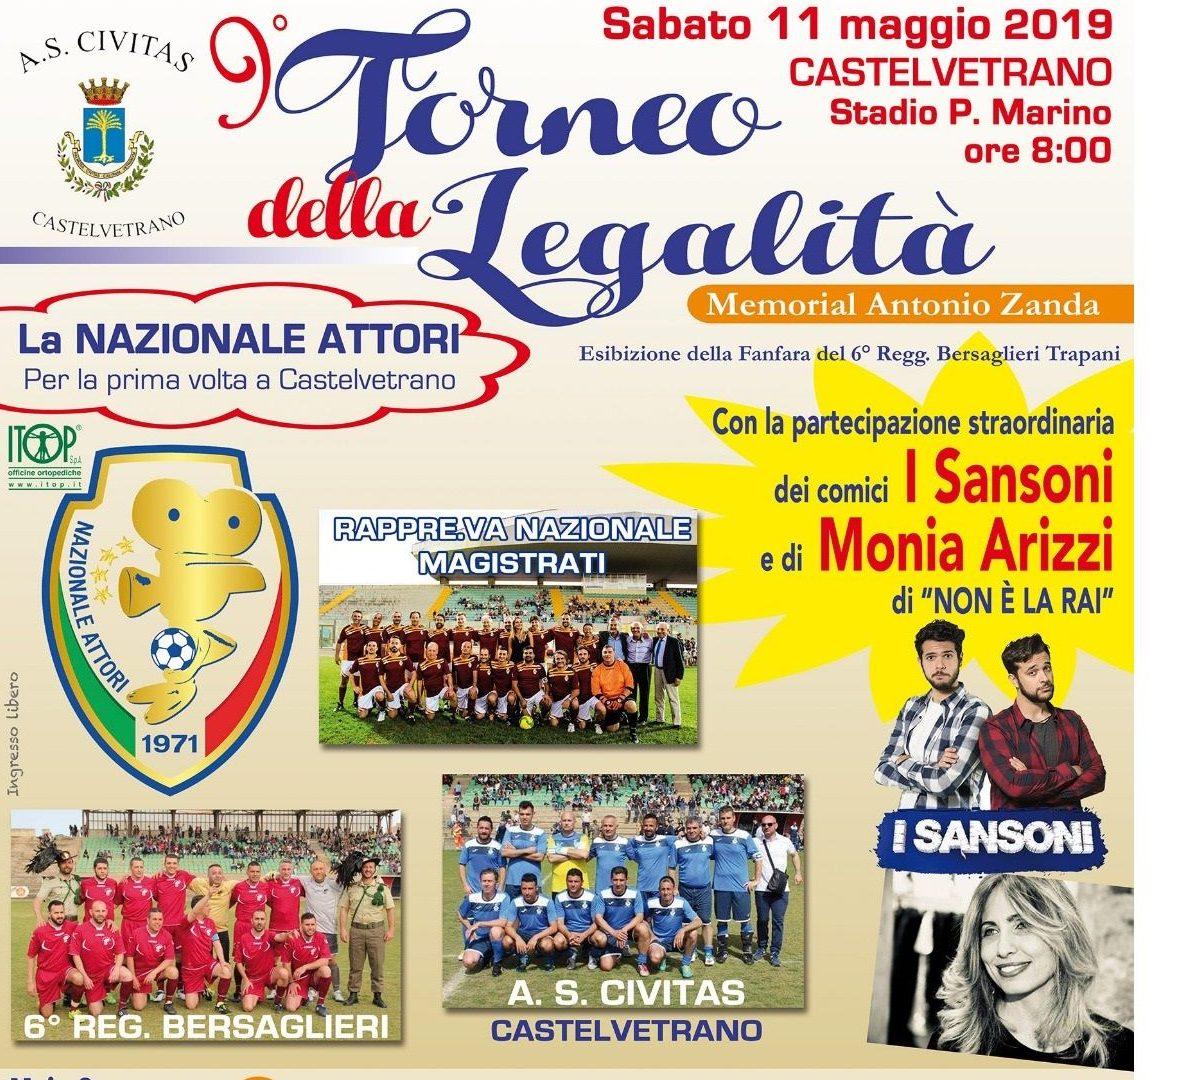 Castelvetrano: al via la IX edizione del Torneo della Legalità